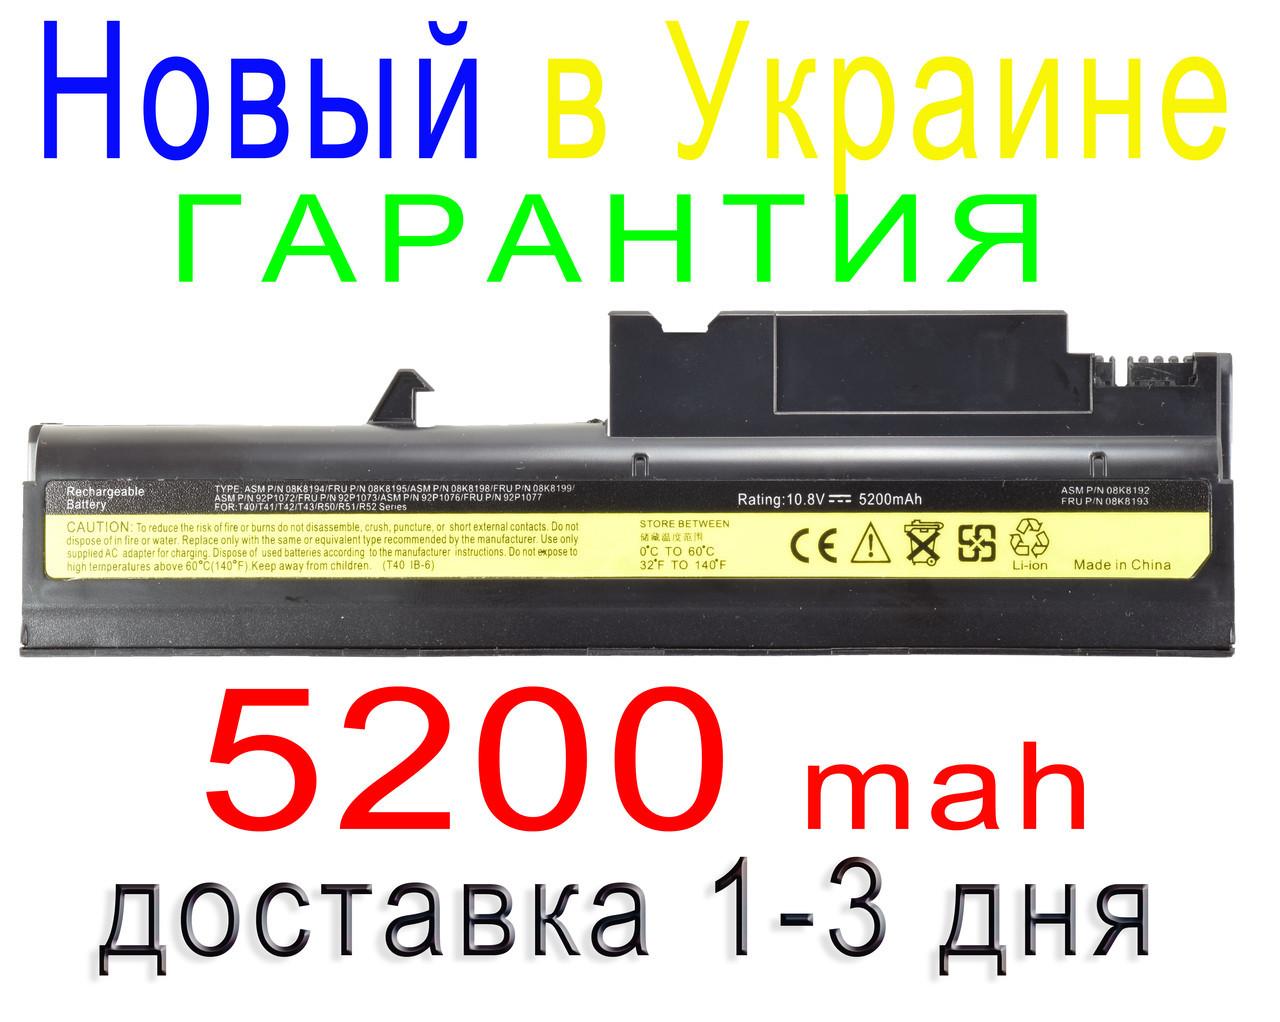 Аккумулятор батарея 08K8199 08K8201 110-IB042-10-0 92P1013 92P1061 92P1076 92P1077 92P1086 92P1102